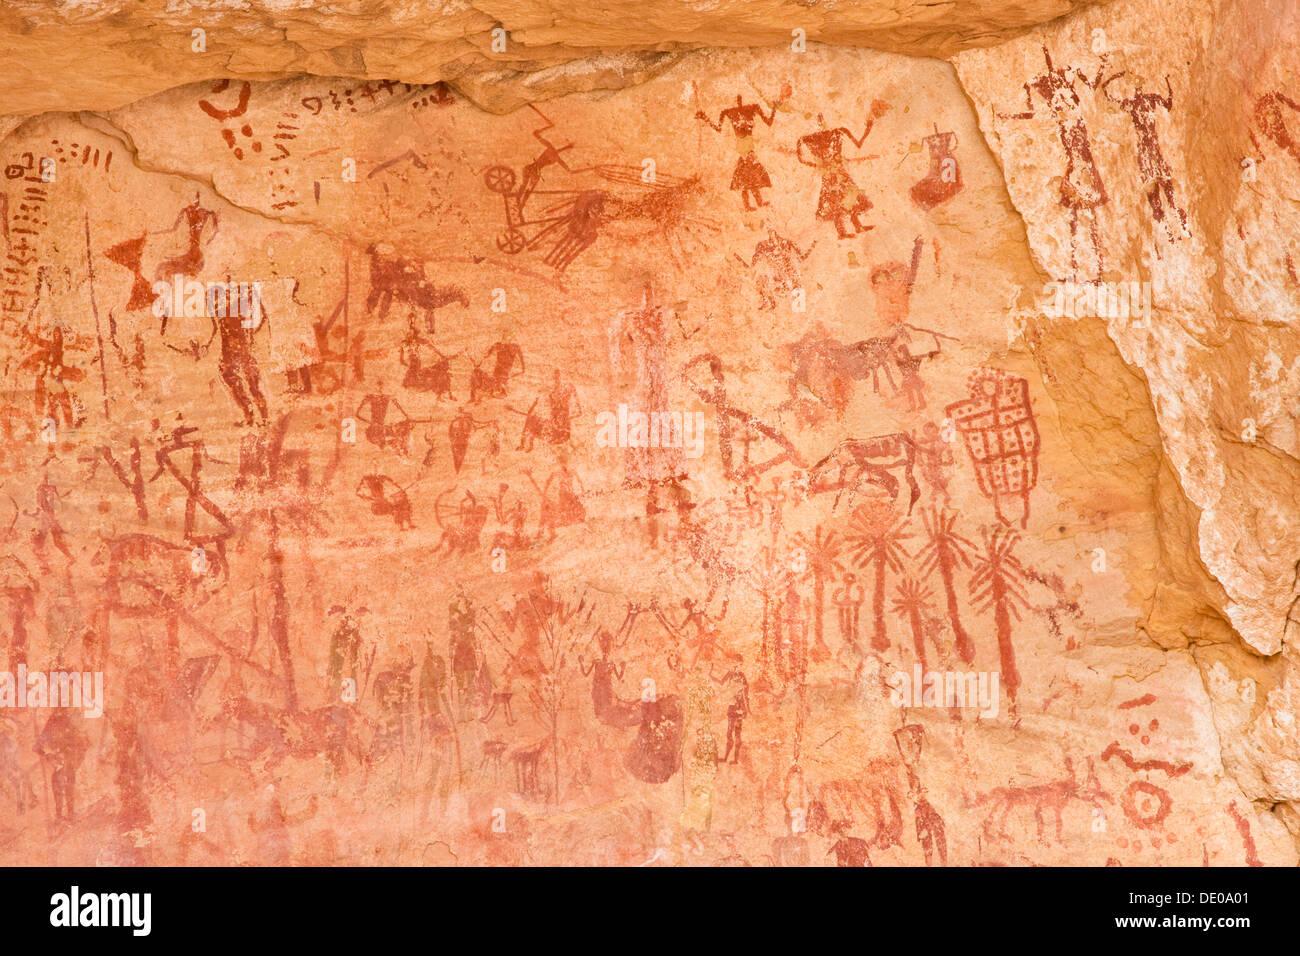 Prähistorische Felszeichnungen im Tadrart Tal, Akakus Gebirge, libysche Wüste, Libyen, Sahara, Nordafrika, Afrika Stockbild